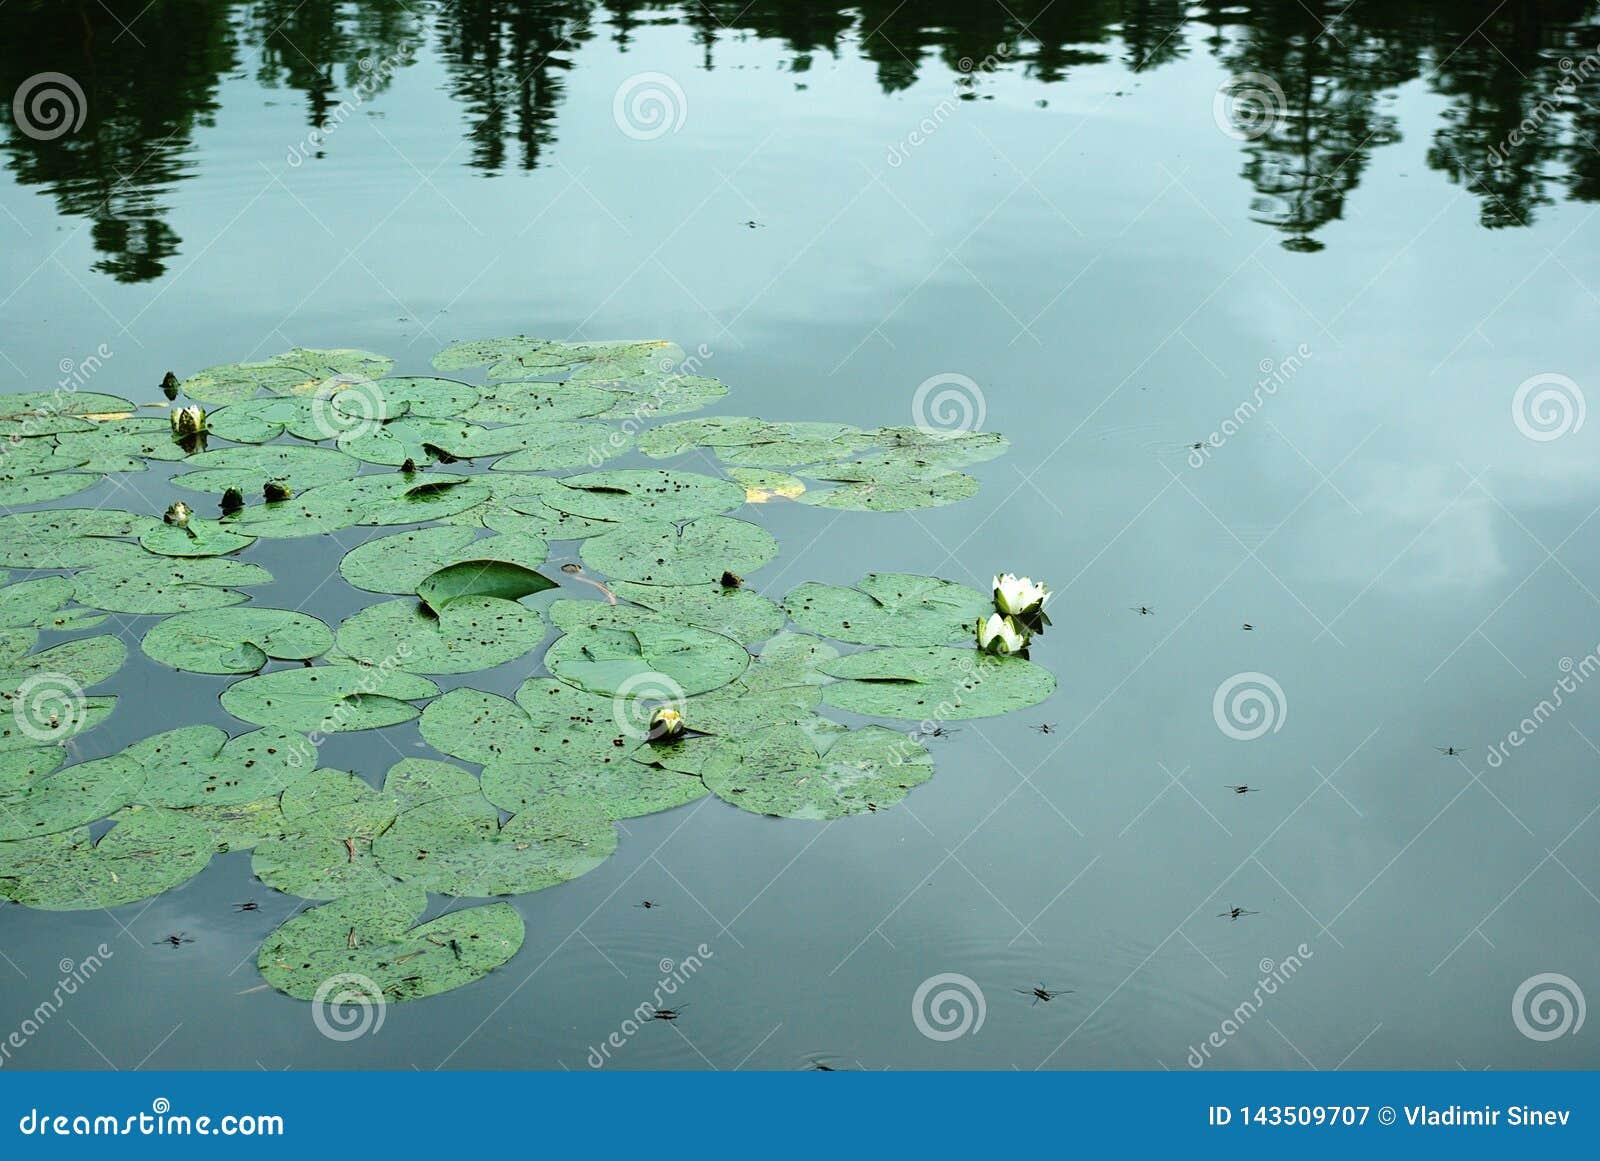 Λίμνη Κρίνοι νερού